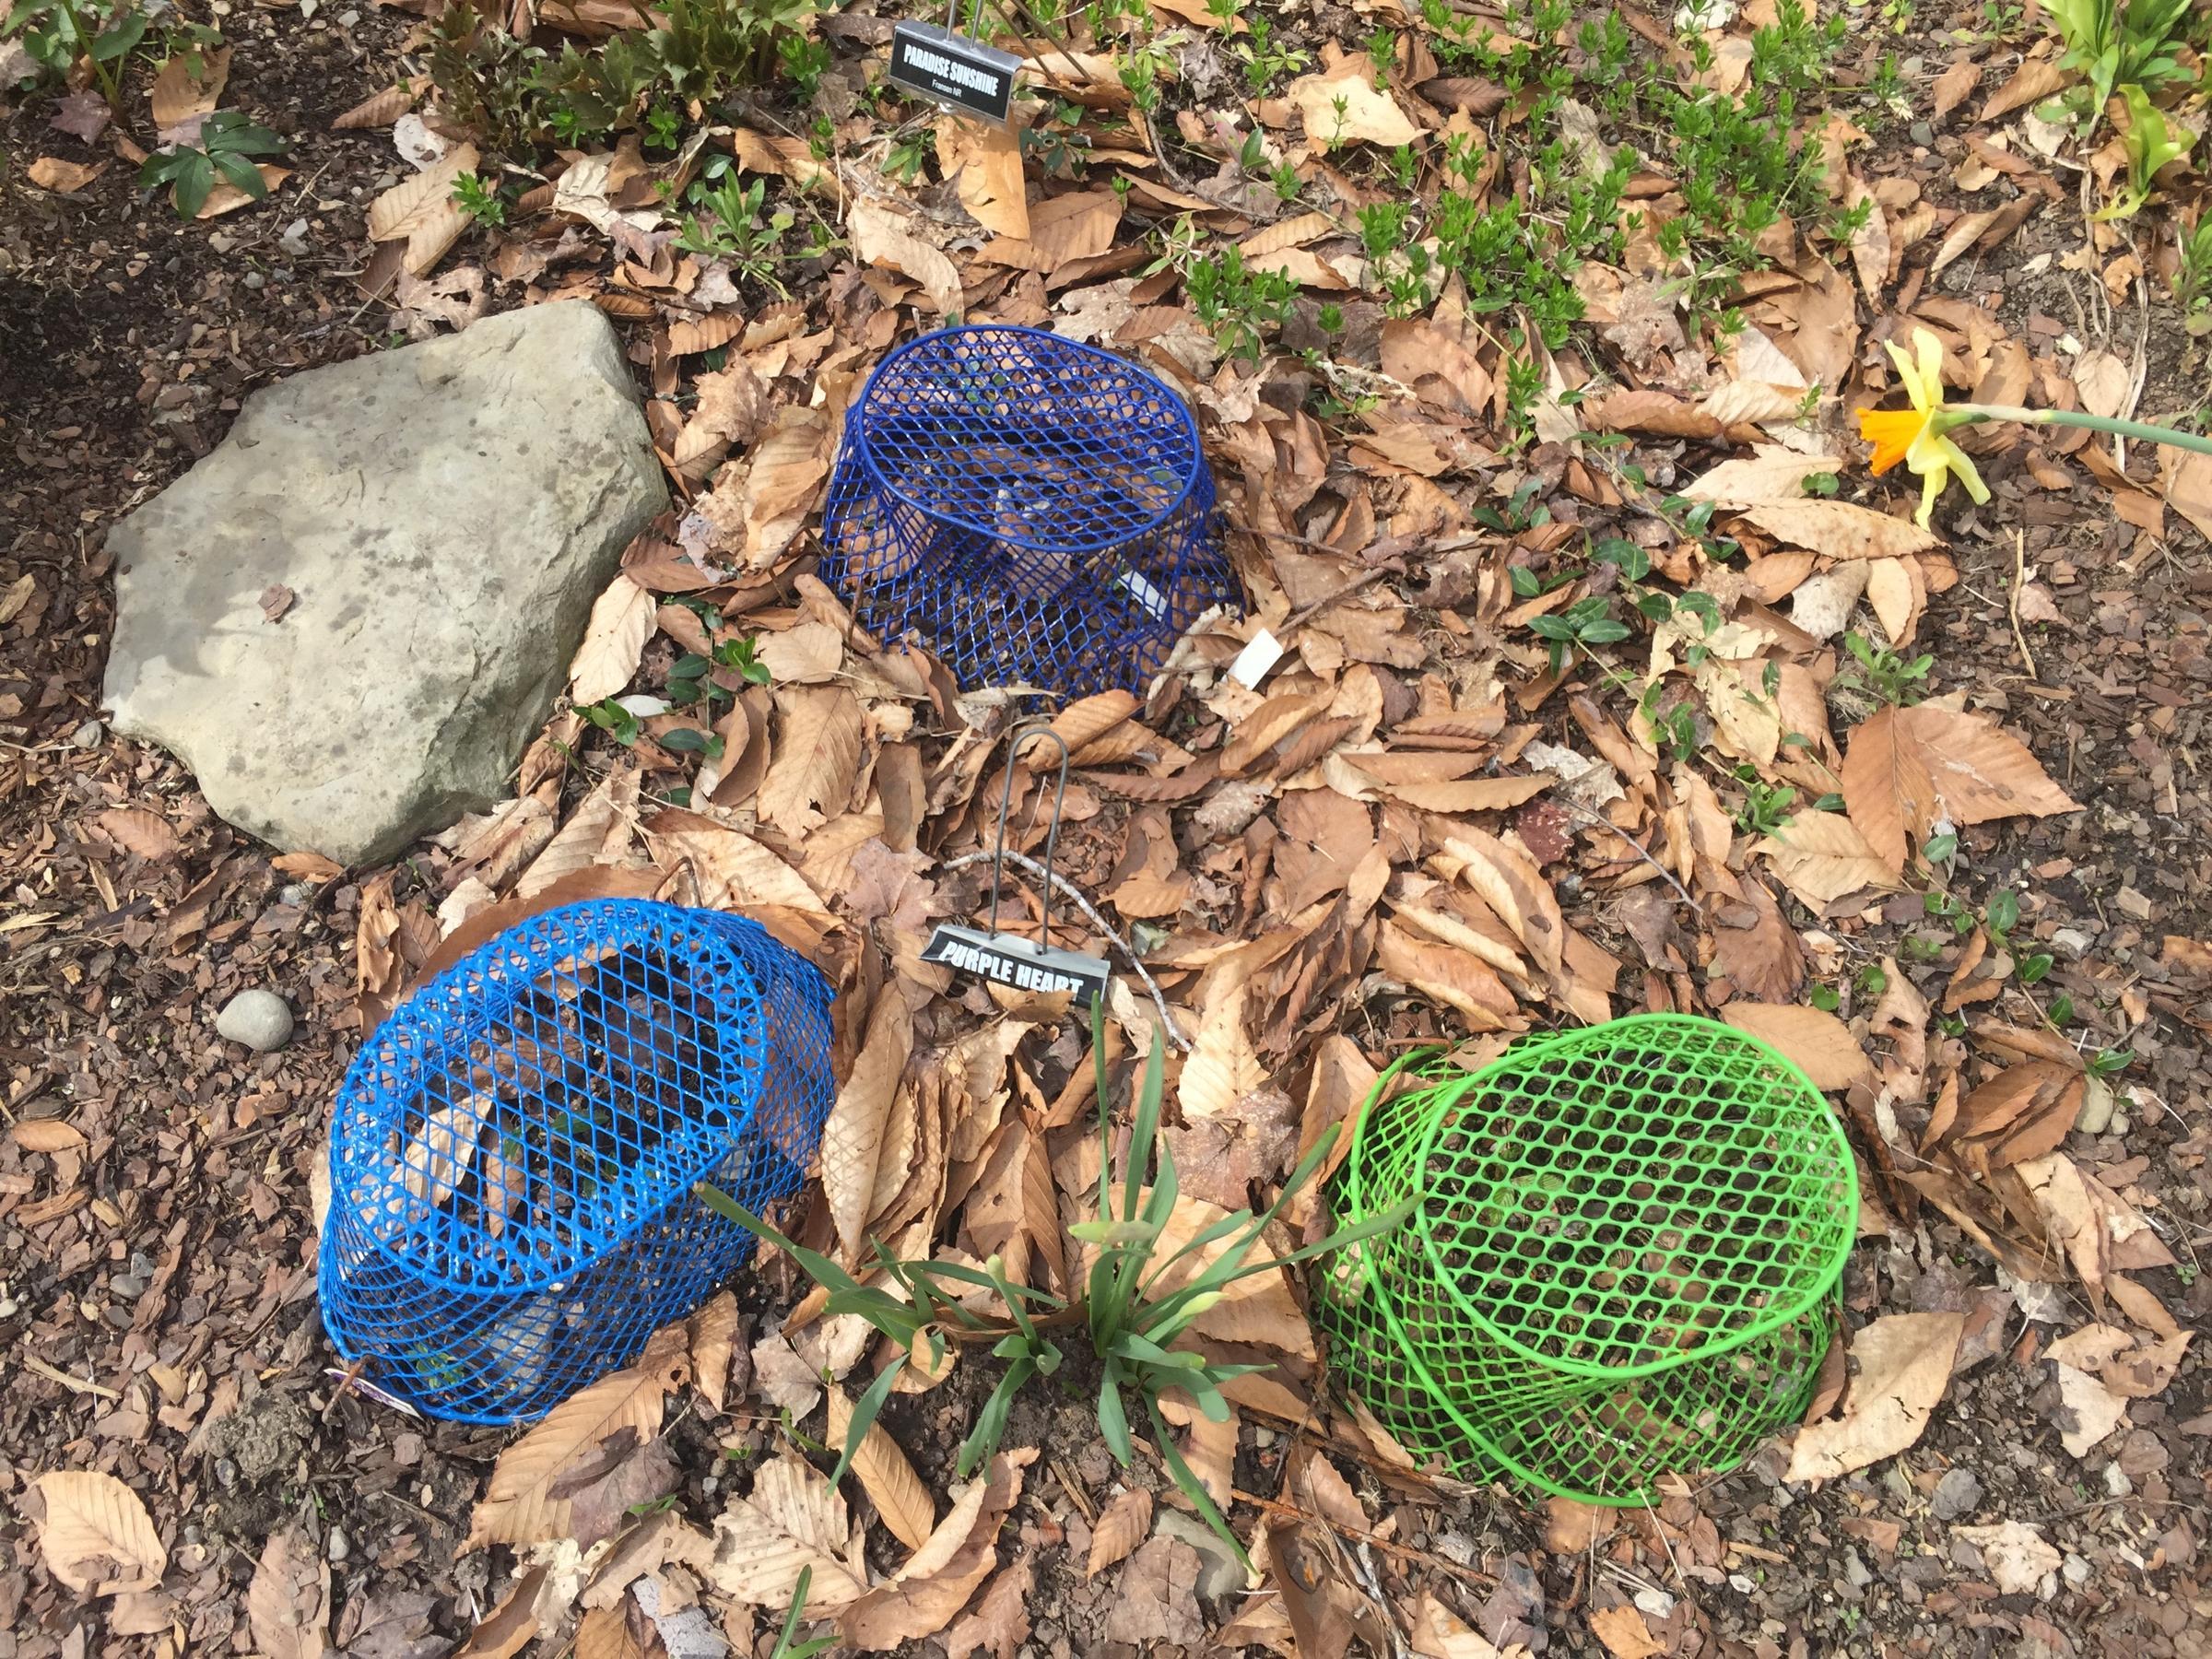 Hostas abound at Southtowns garden | WBFO